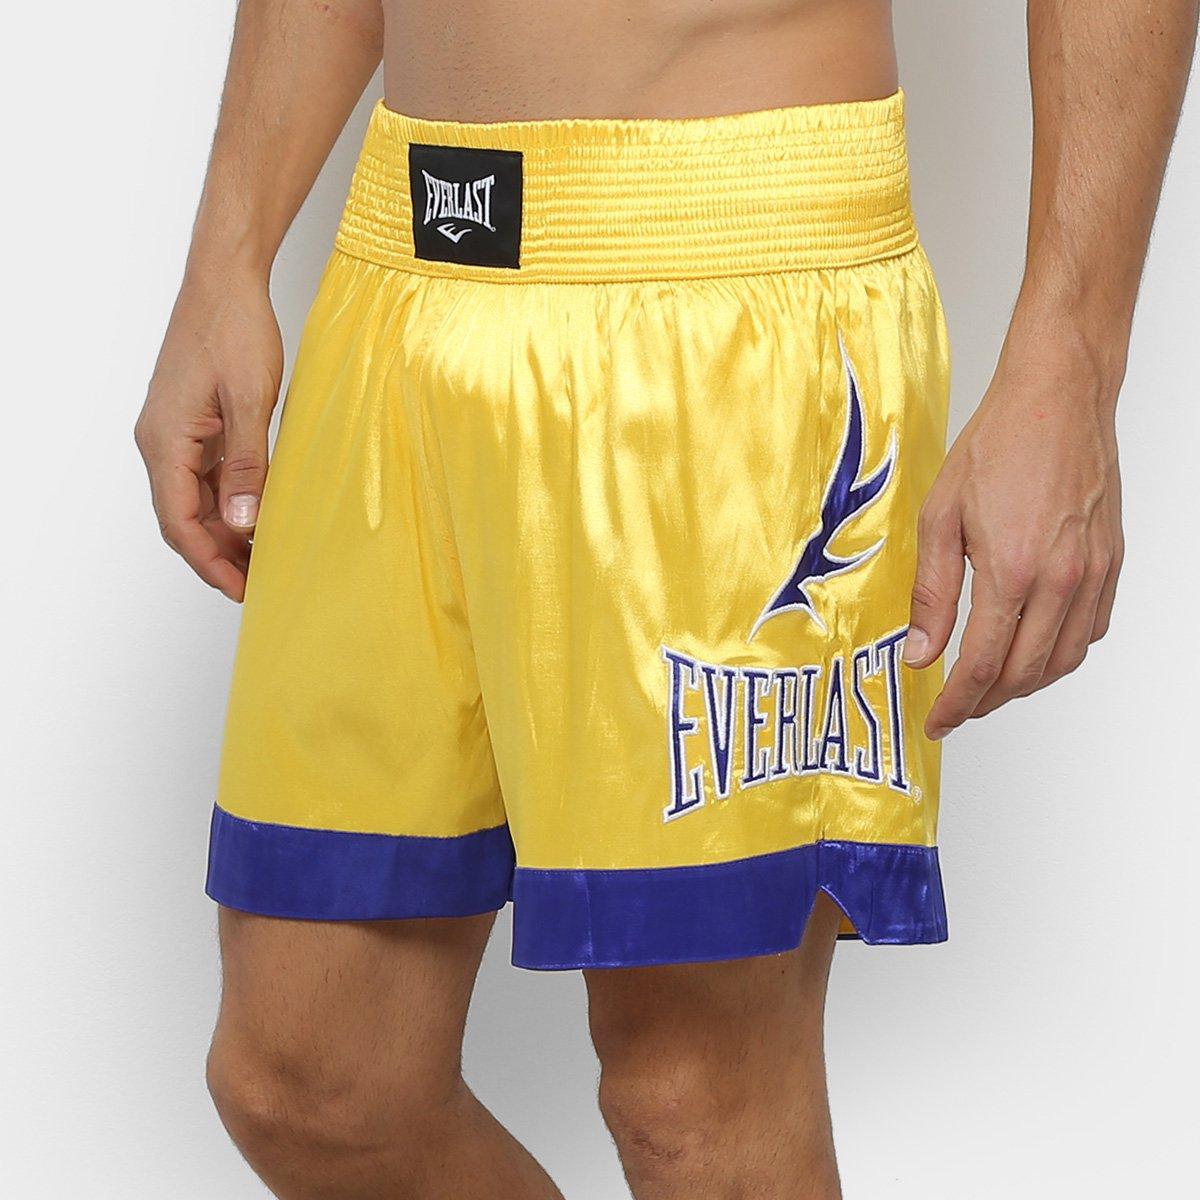 Shorts De Muay Thai/Boxe Everlast Bordados Laterais